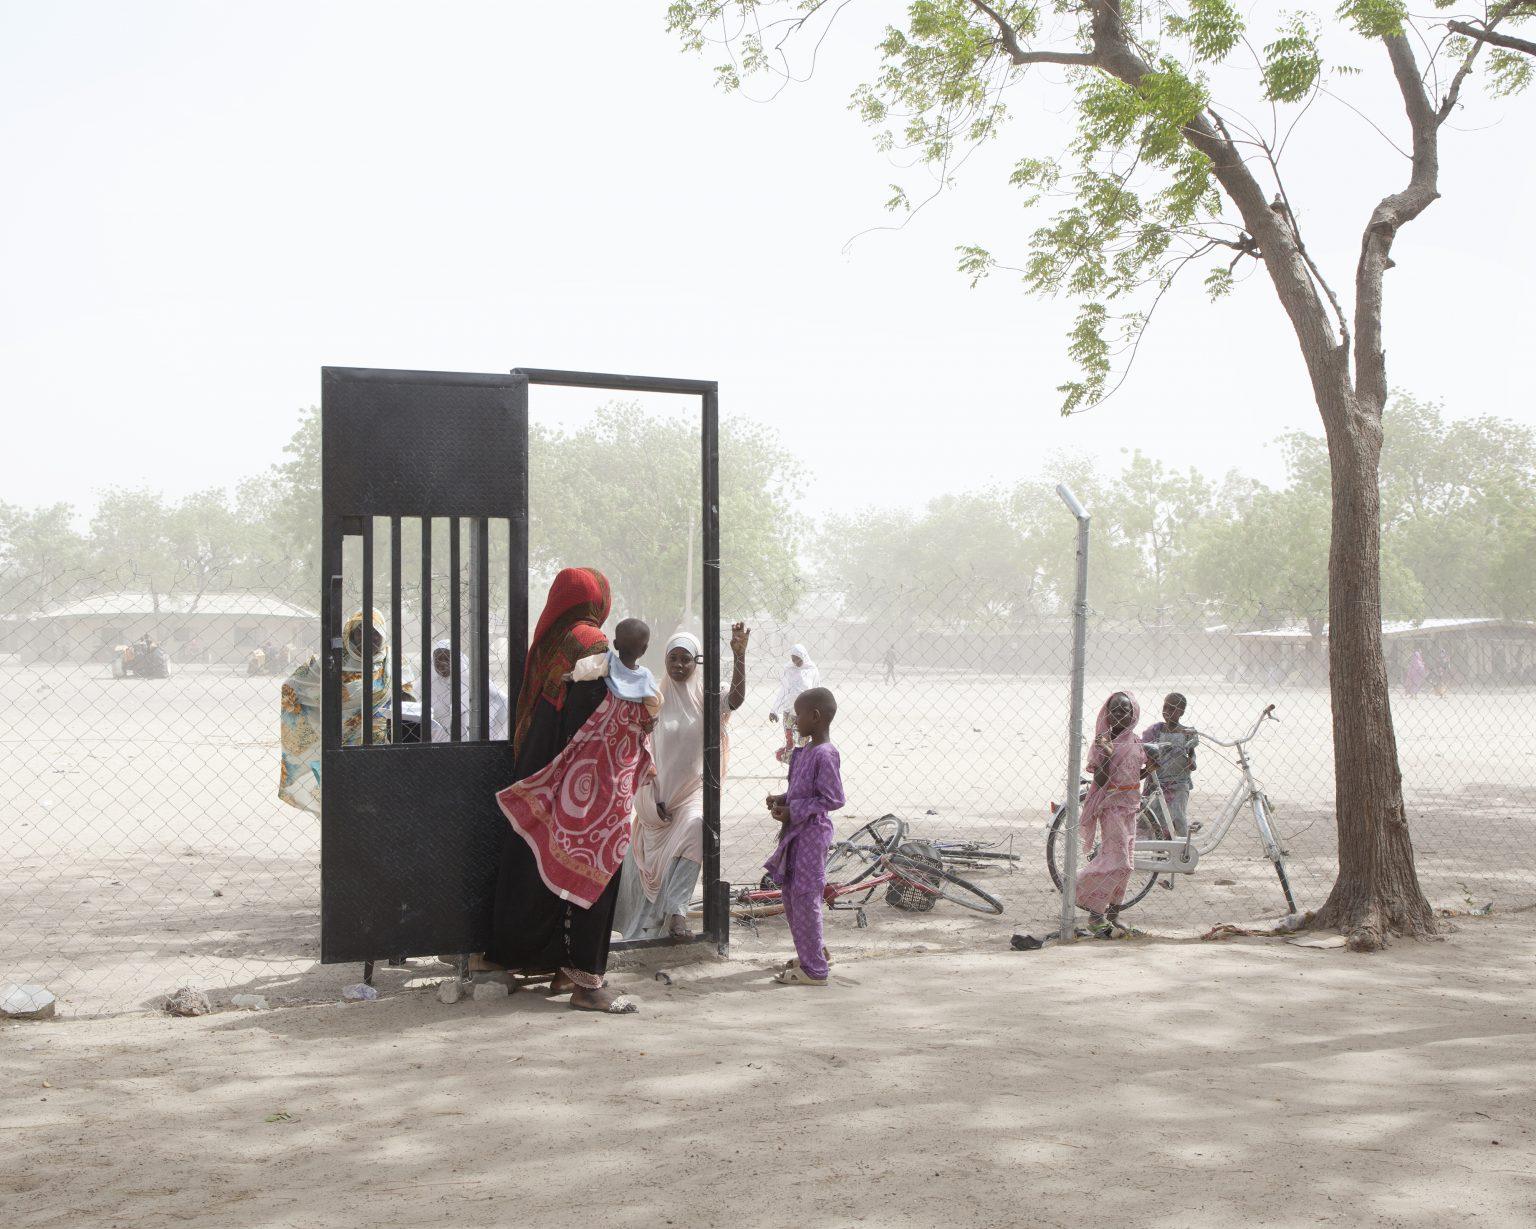 Gamboru Ngala, Borno State (Nigeria). The entrance to the primary health center in Ward C of Gamboru Ngala. After the Nigerian army regained the town, many refugees returned but very few could find their homes. >< Gamboru Ngala, Stato di Borno (Nigeria). L'ingresso al centro di salute primaria nel reparto C. Dopo che l'esercito nigeriano ha riconquistato la città, molti profughi sono tornati ma pochissimi hanno ritrovato le loro case.